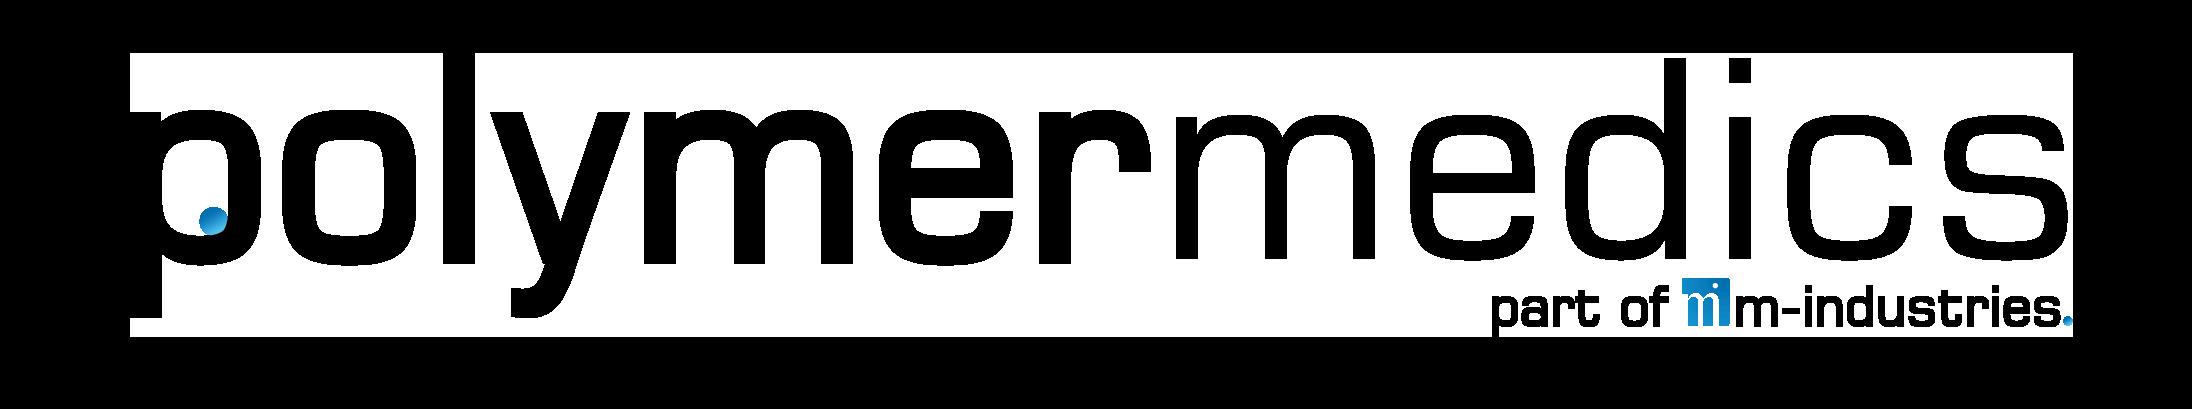 Polymermedics Ltd